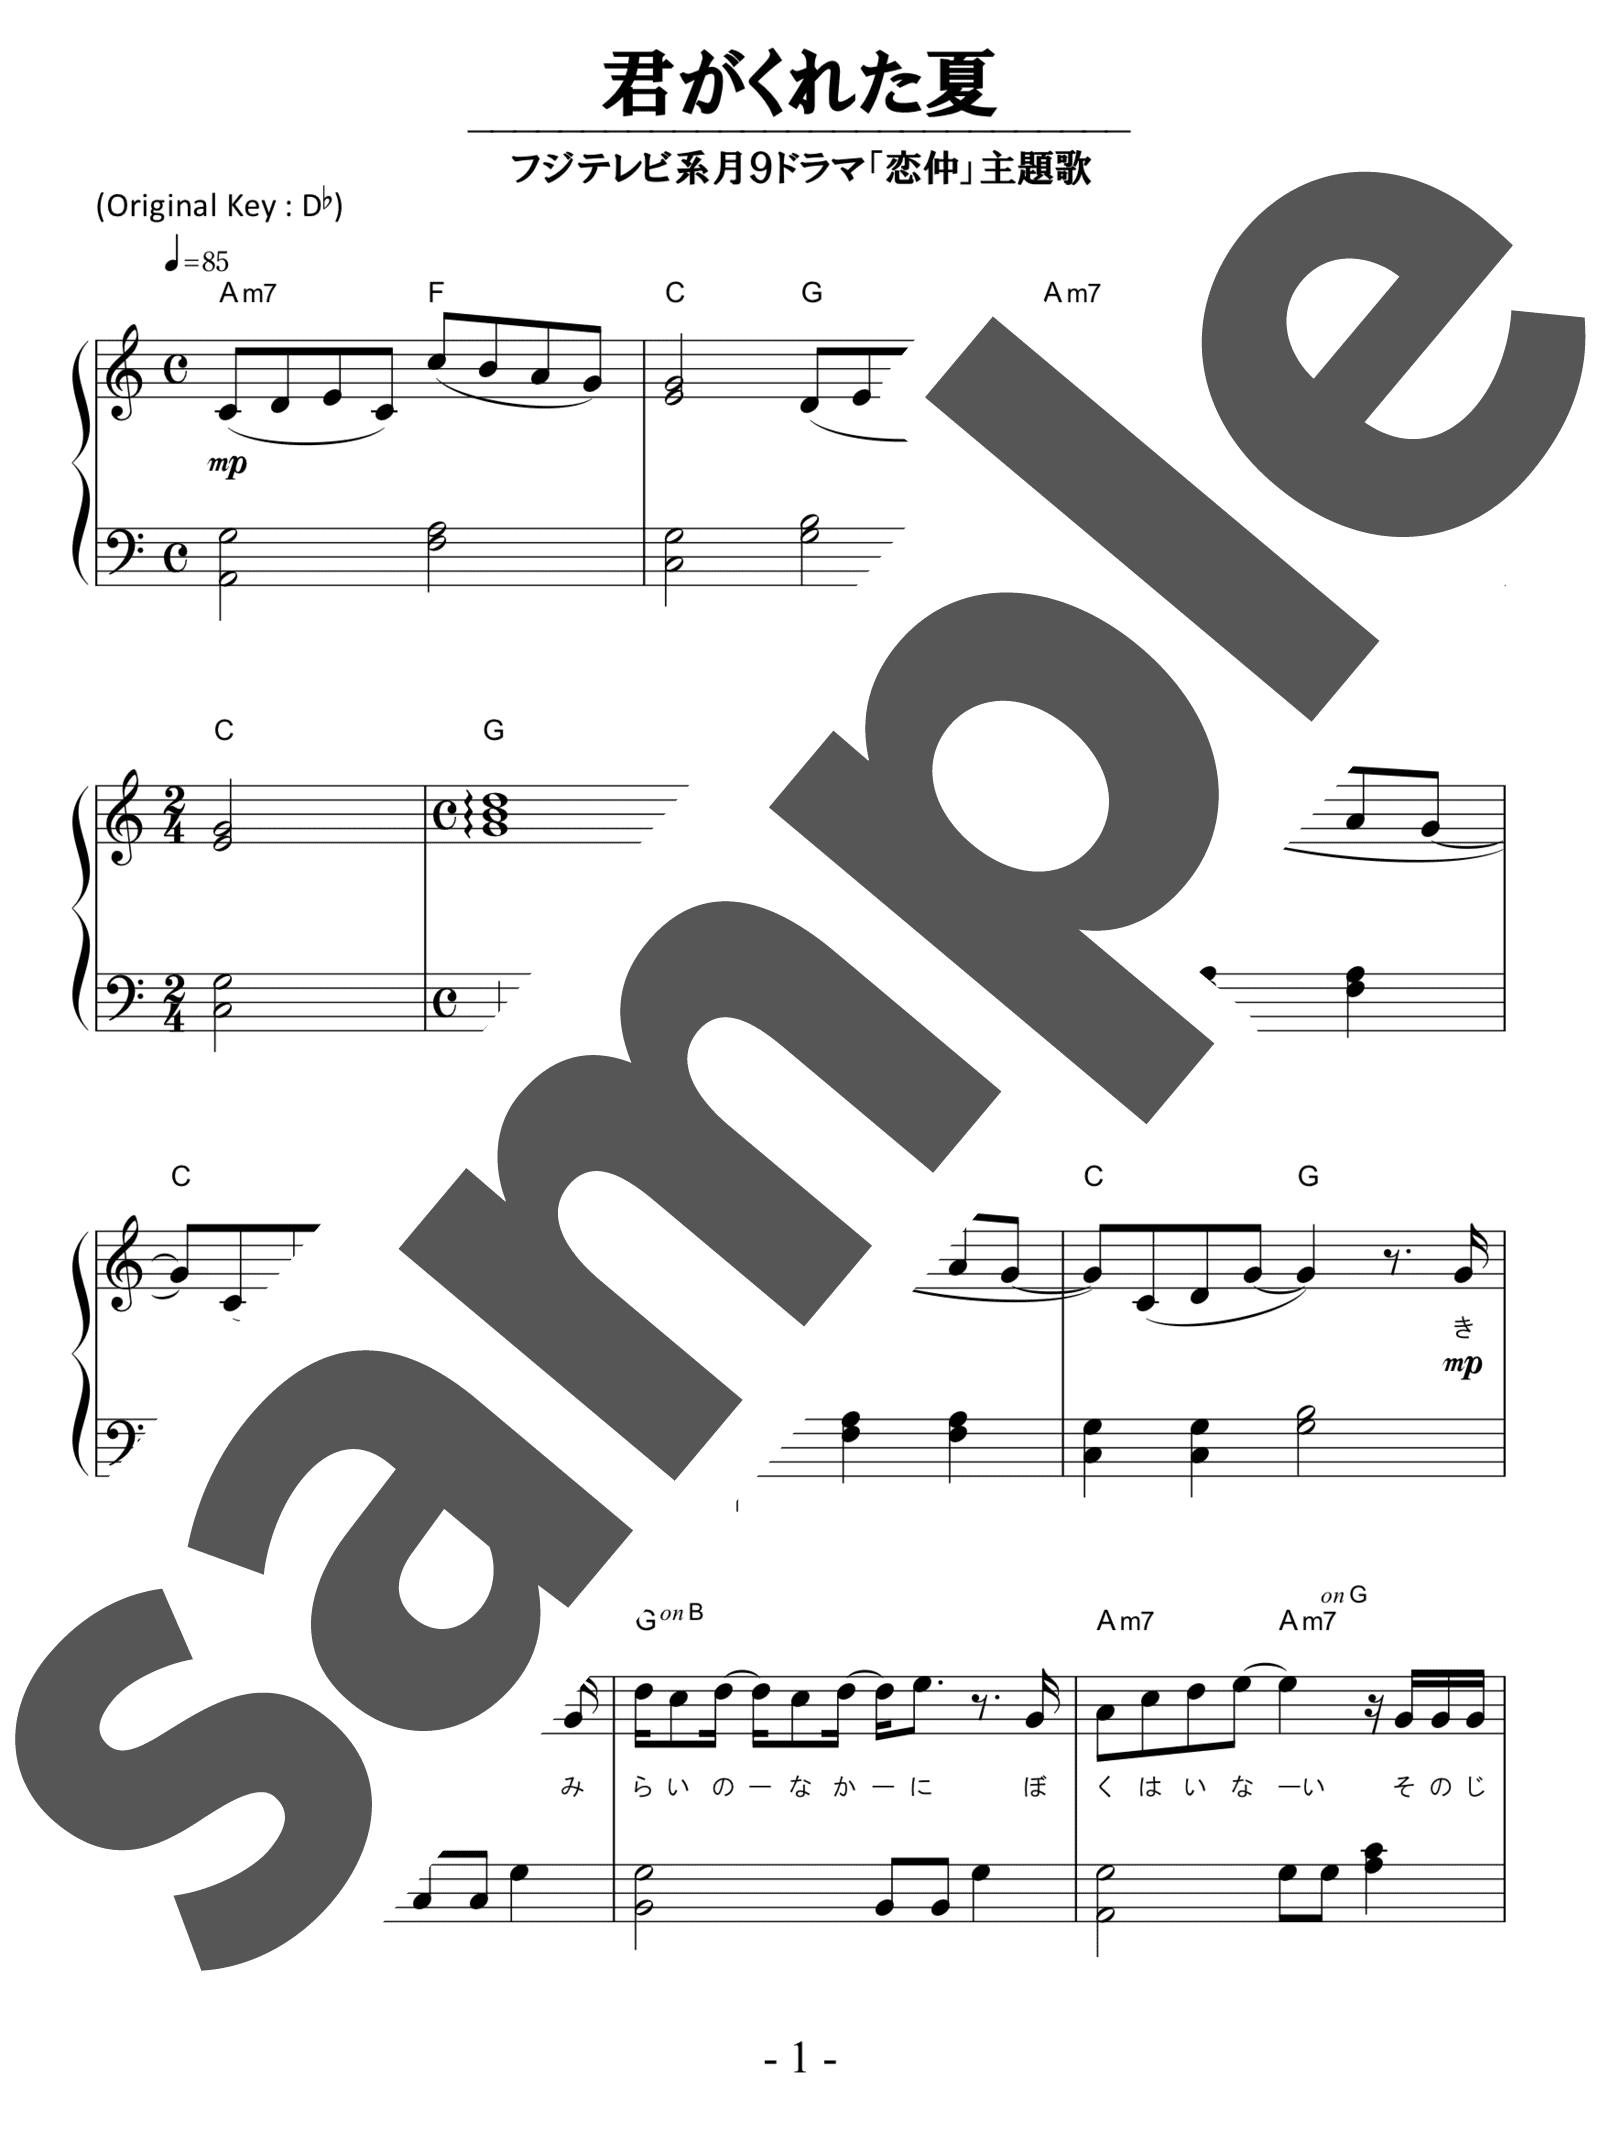 「君がくれた夏」のサンプル楽譜